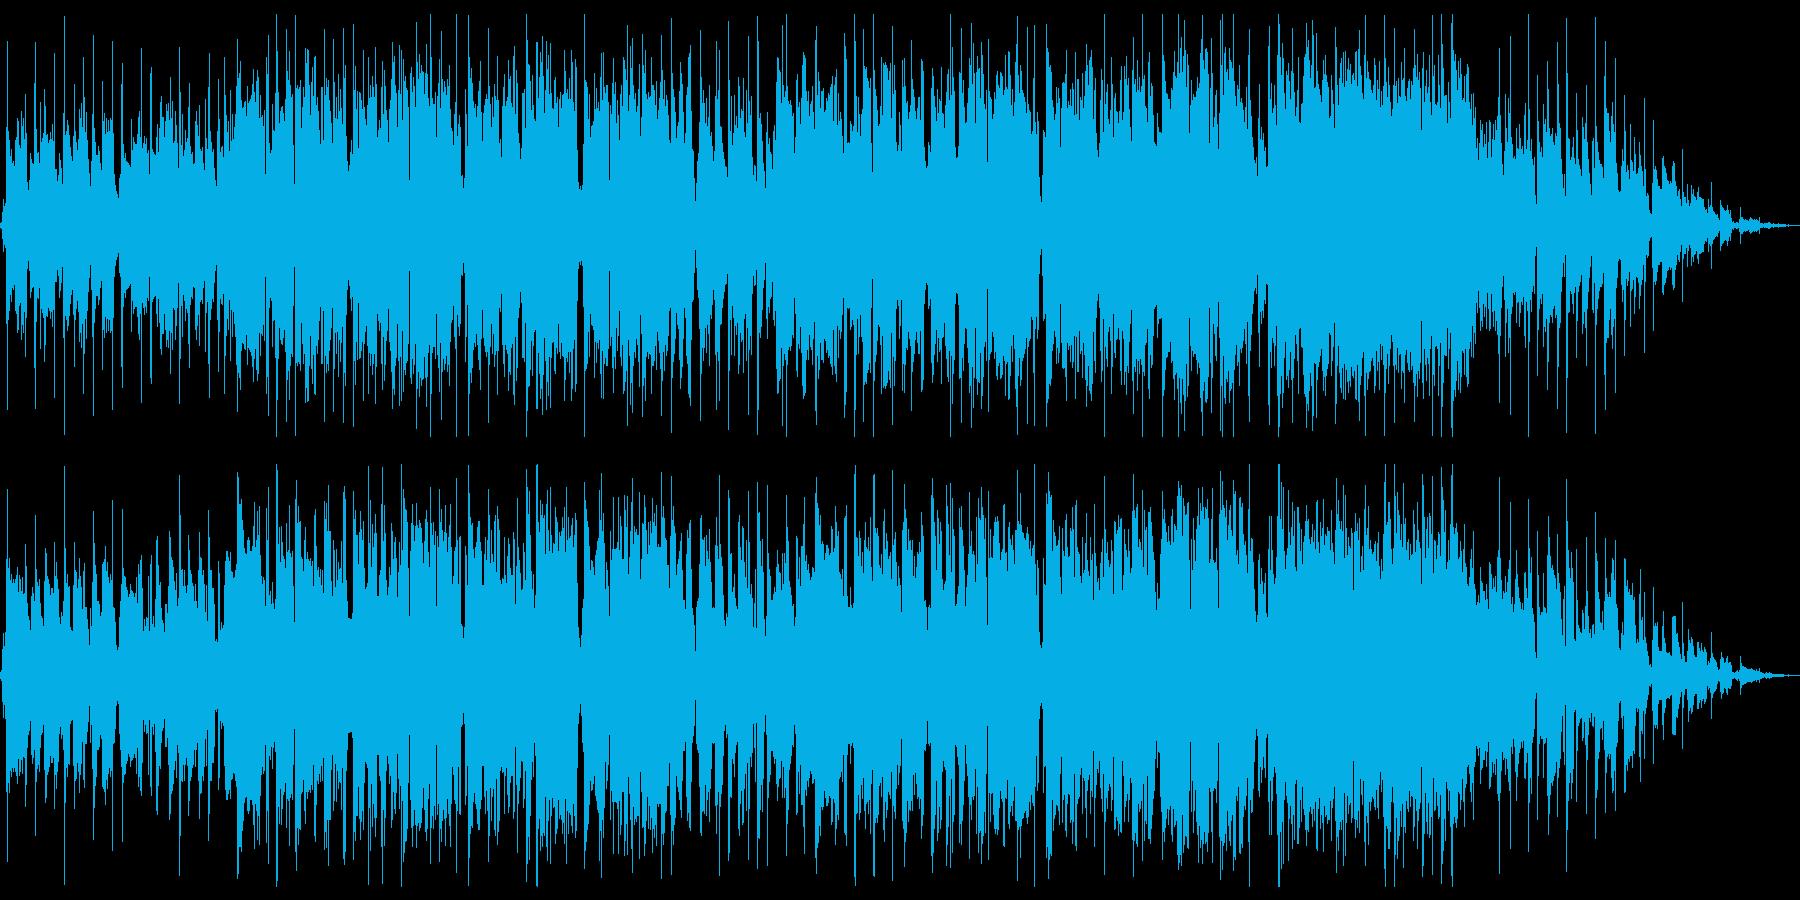 異国の大衆酒場をイメージした曲の再生済みの波形